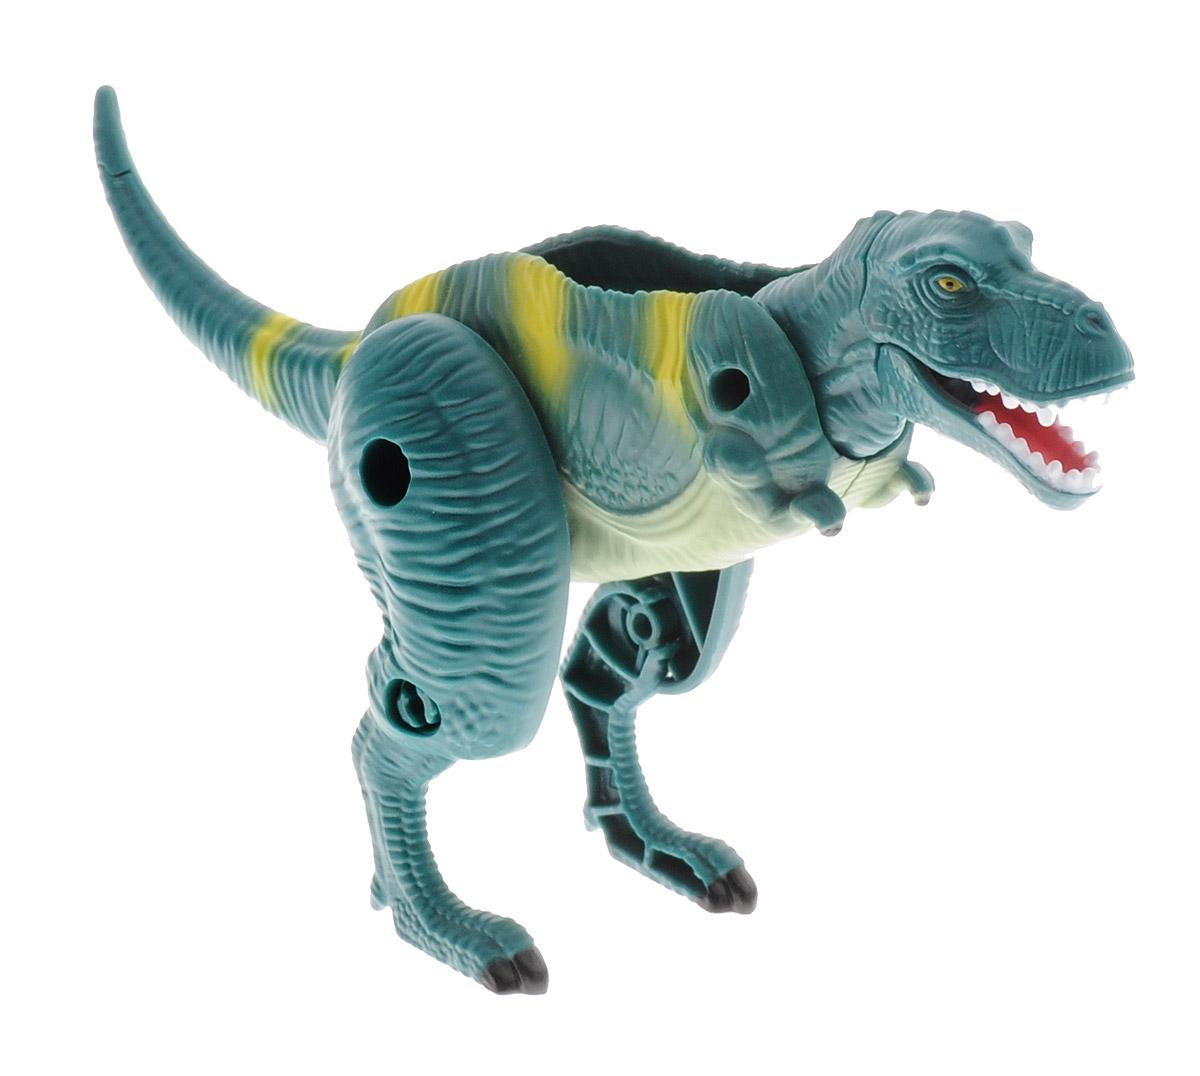 Hatchn Heroes Яйцо-трансформер Тираннозавр84550Тираннозавр - один из самых узнаваемых ящеров, неоднократно появлявшийся в фильмах и ставший воплощением грозных древних хищников. Яйцо- трансформер Hatchn Heroes Тираннозавр напоминает настоящего динозавра и станет отличным подарком для всех поклонников доисторического мира! У него подвижные лапы, челюсть и шея. Фигурка окрашена в зеленые тона, качественно прорисована и детализирована. Динозавр легко трансформируется, раскладываясь в фигурку и складываясь в овальное яйцо. С помощью игрушки ребенок сможет познакомиться с миром динозавров и придумать увлекательные сюжеты для игры. Игрушка изготовлена из качественного и безопасного материала.